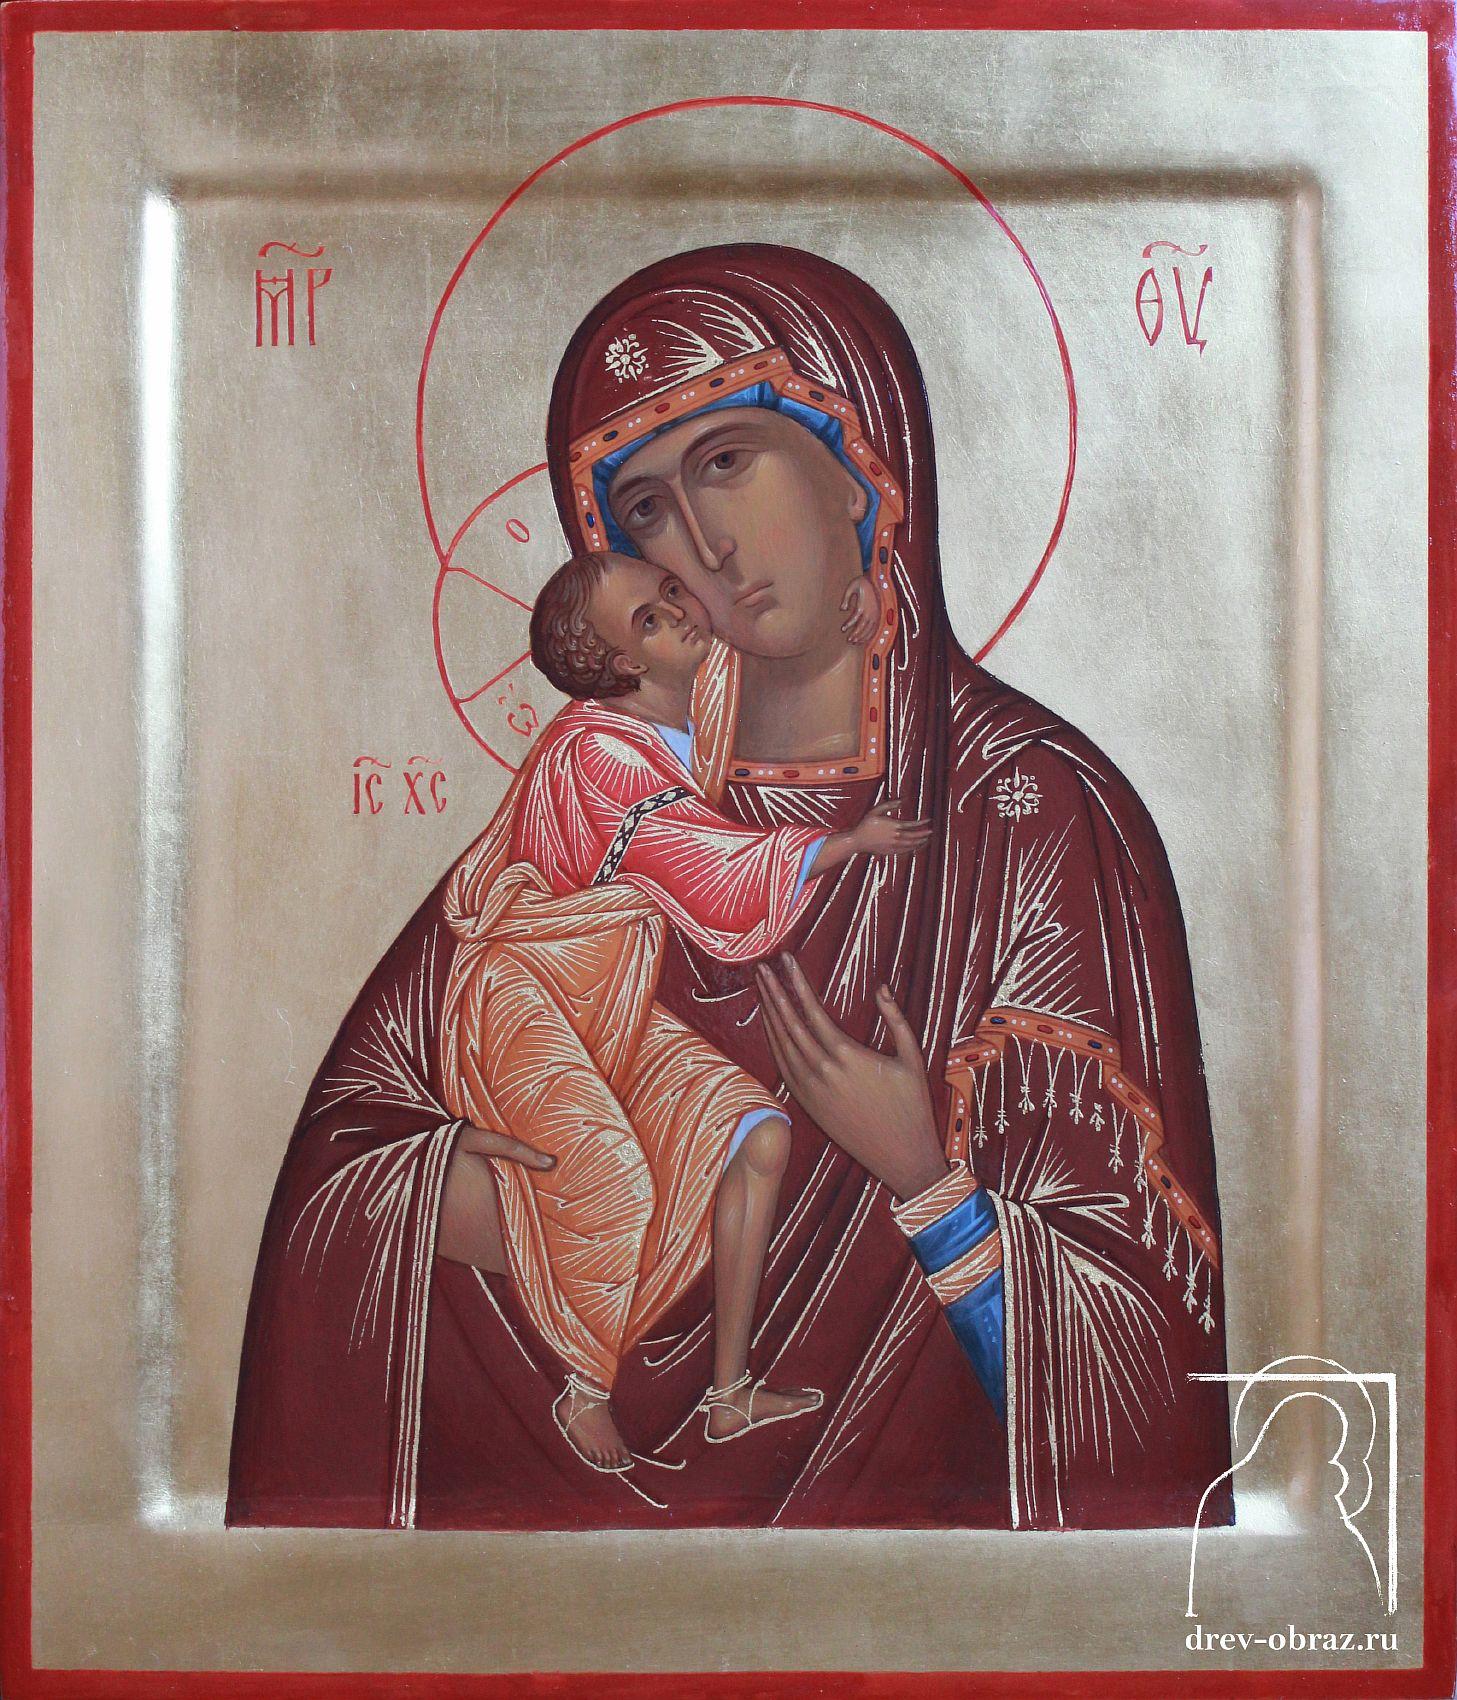 Заказать икону Богородицы 4850